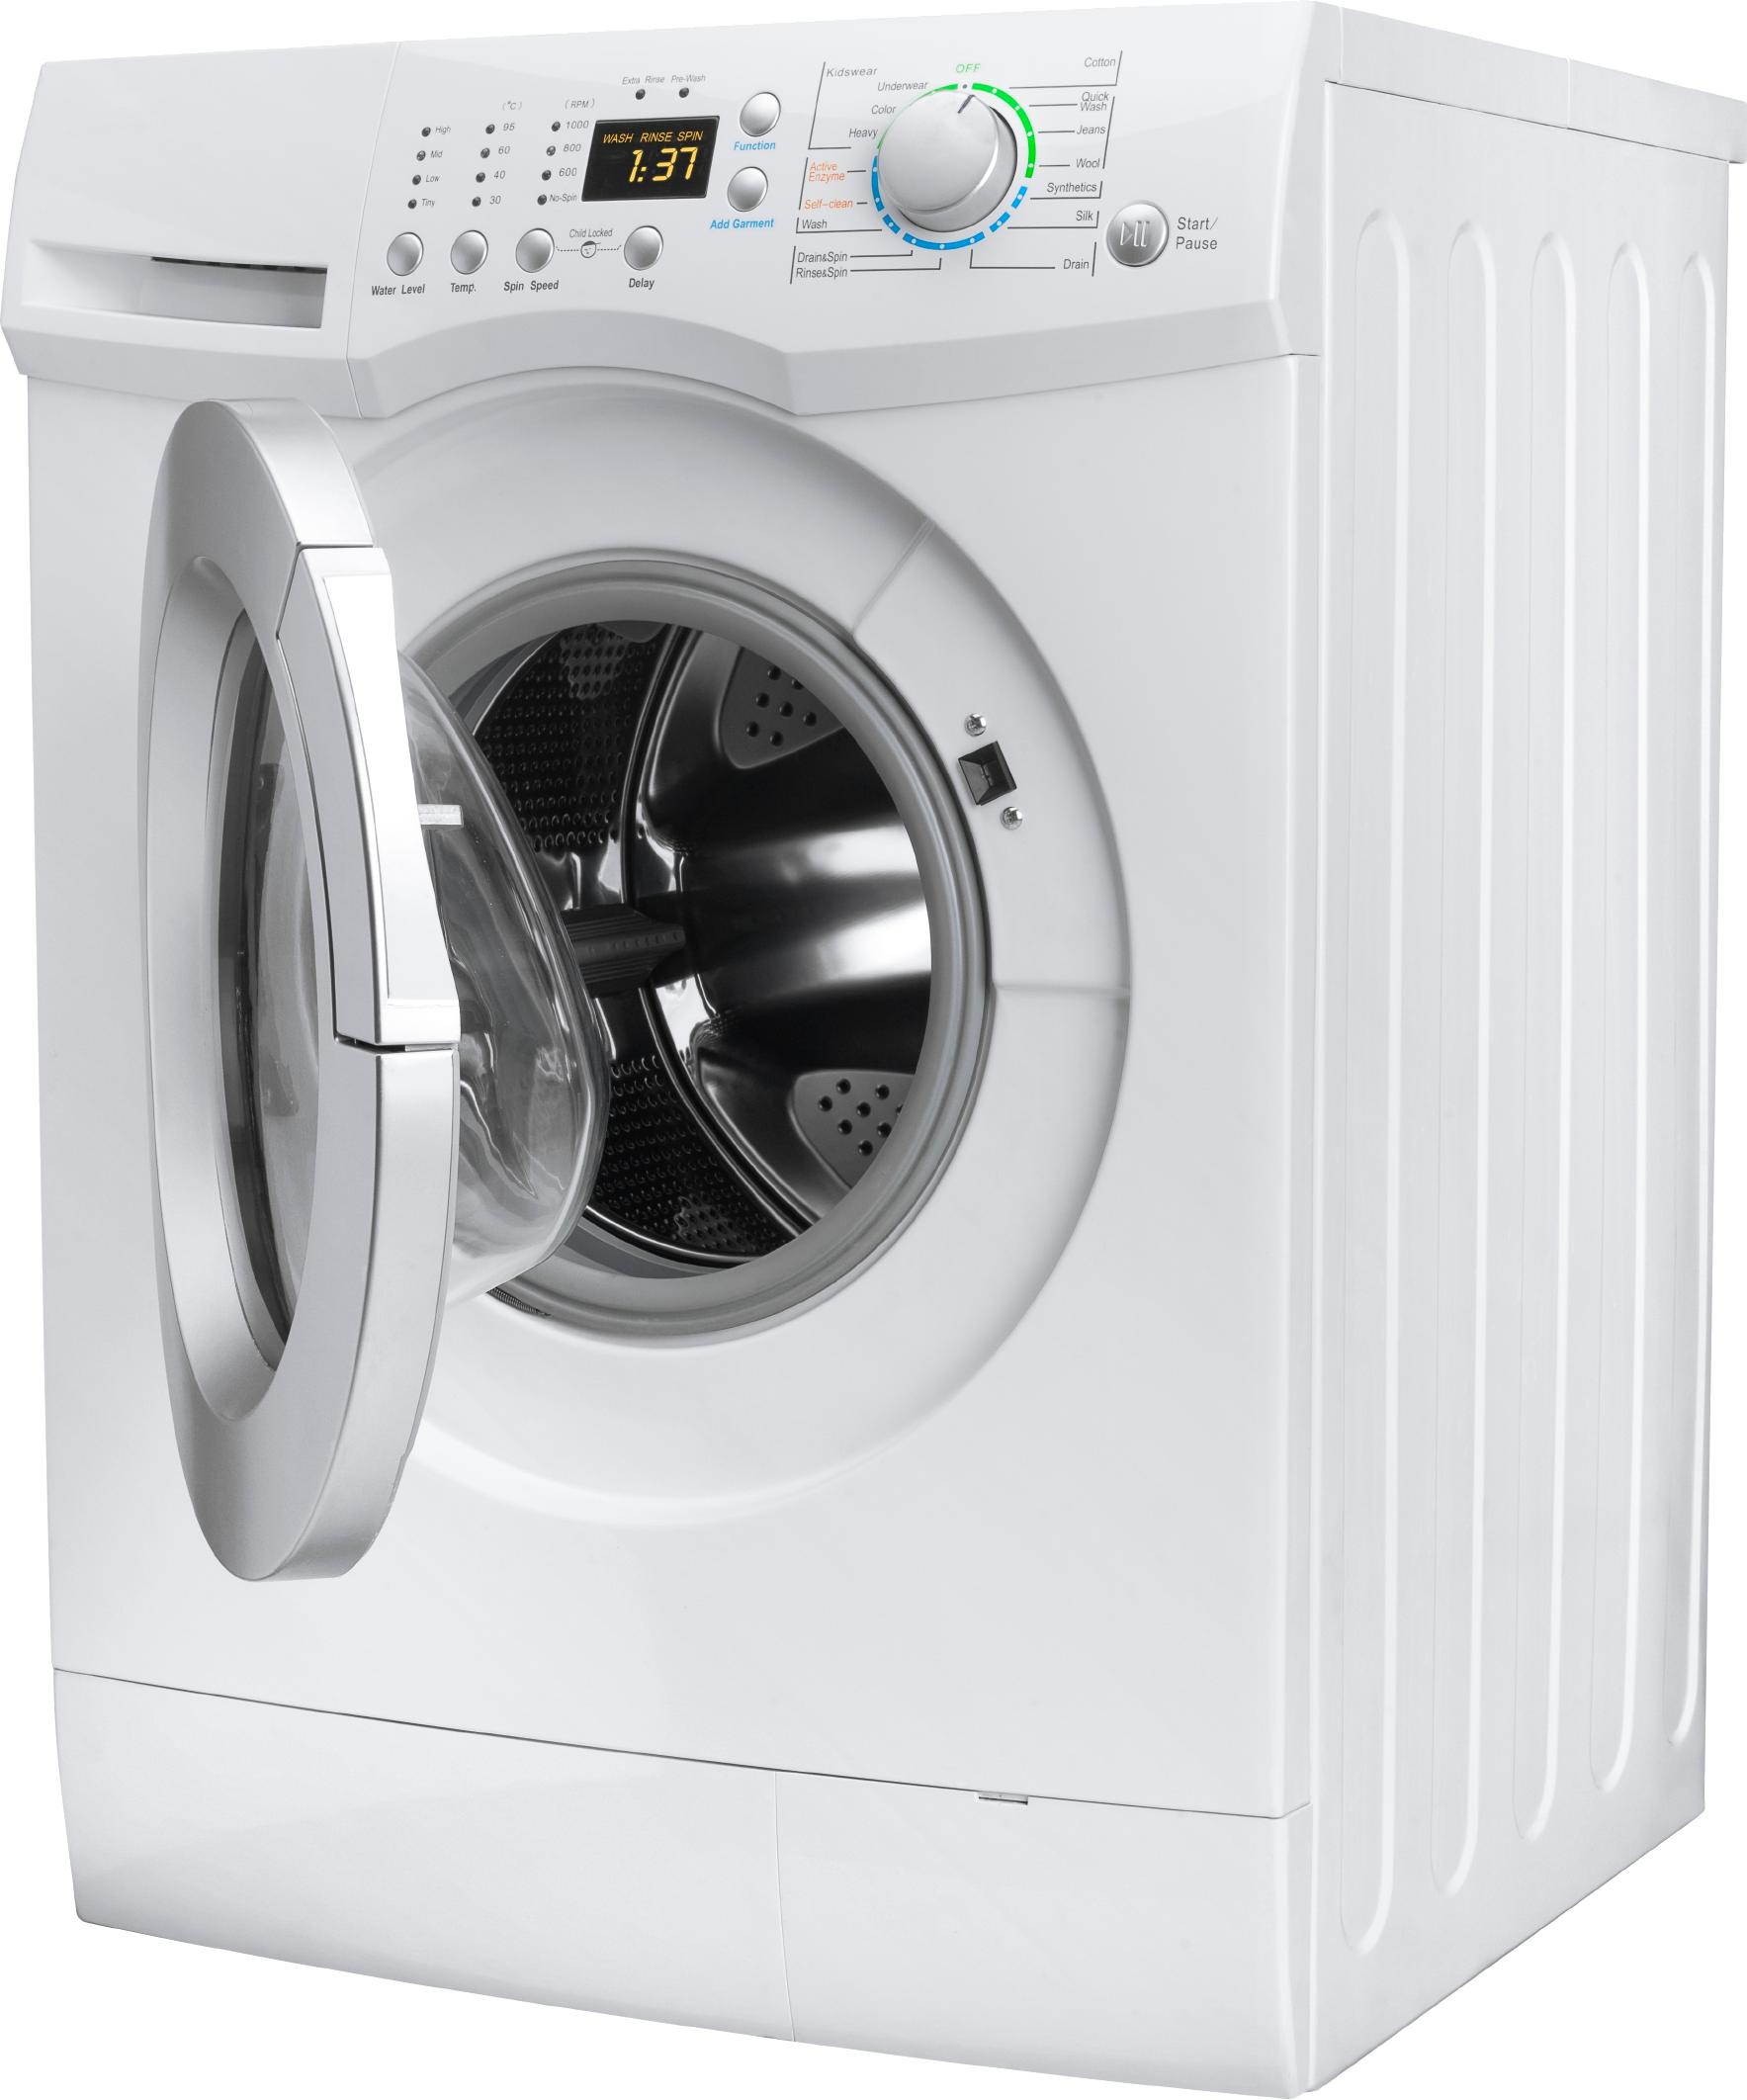 washing machine png images. Black Bedroom Furniture Sets. Home Design Ideas